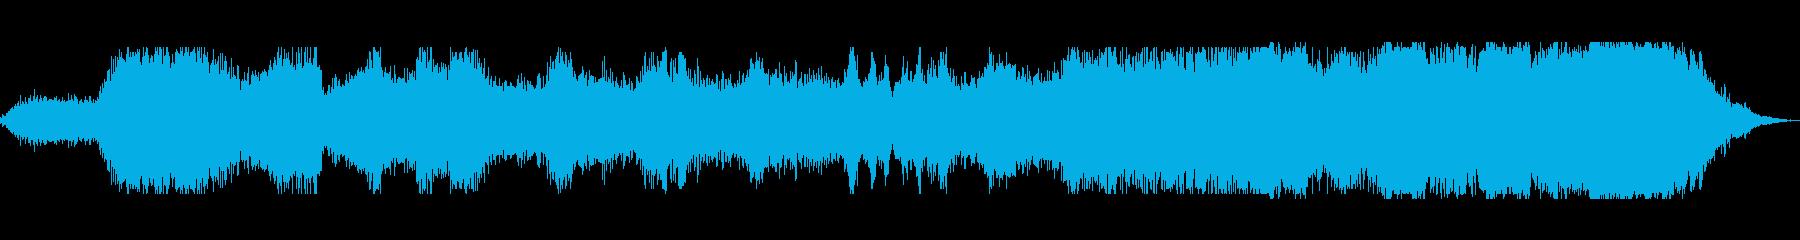 空気圧ホース:開始、実行、停止、空...の再生済みの波形